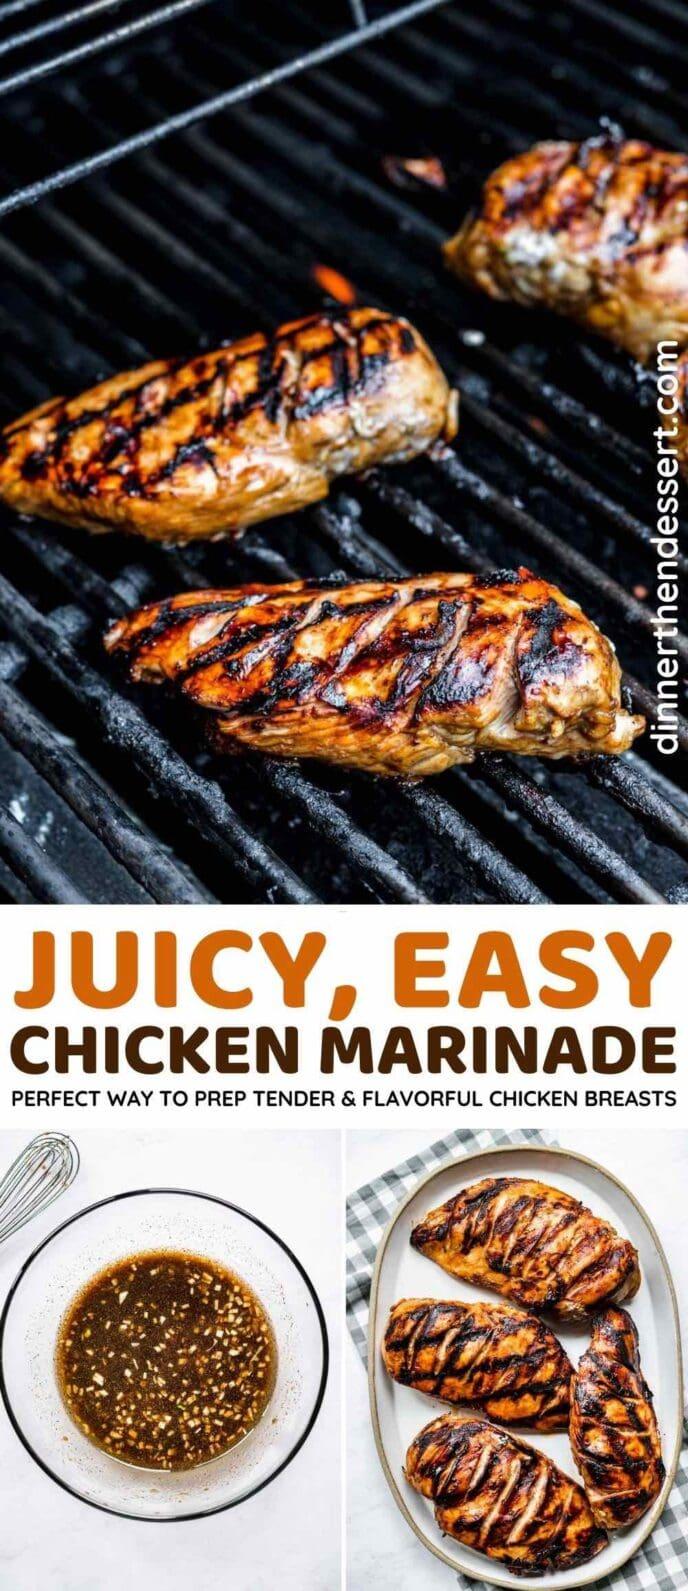 Chicken Marinade collage